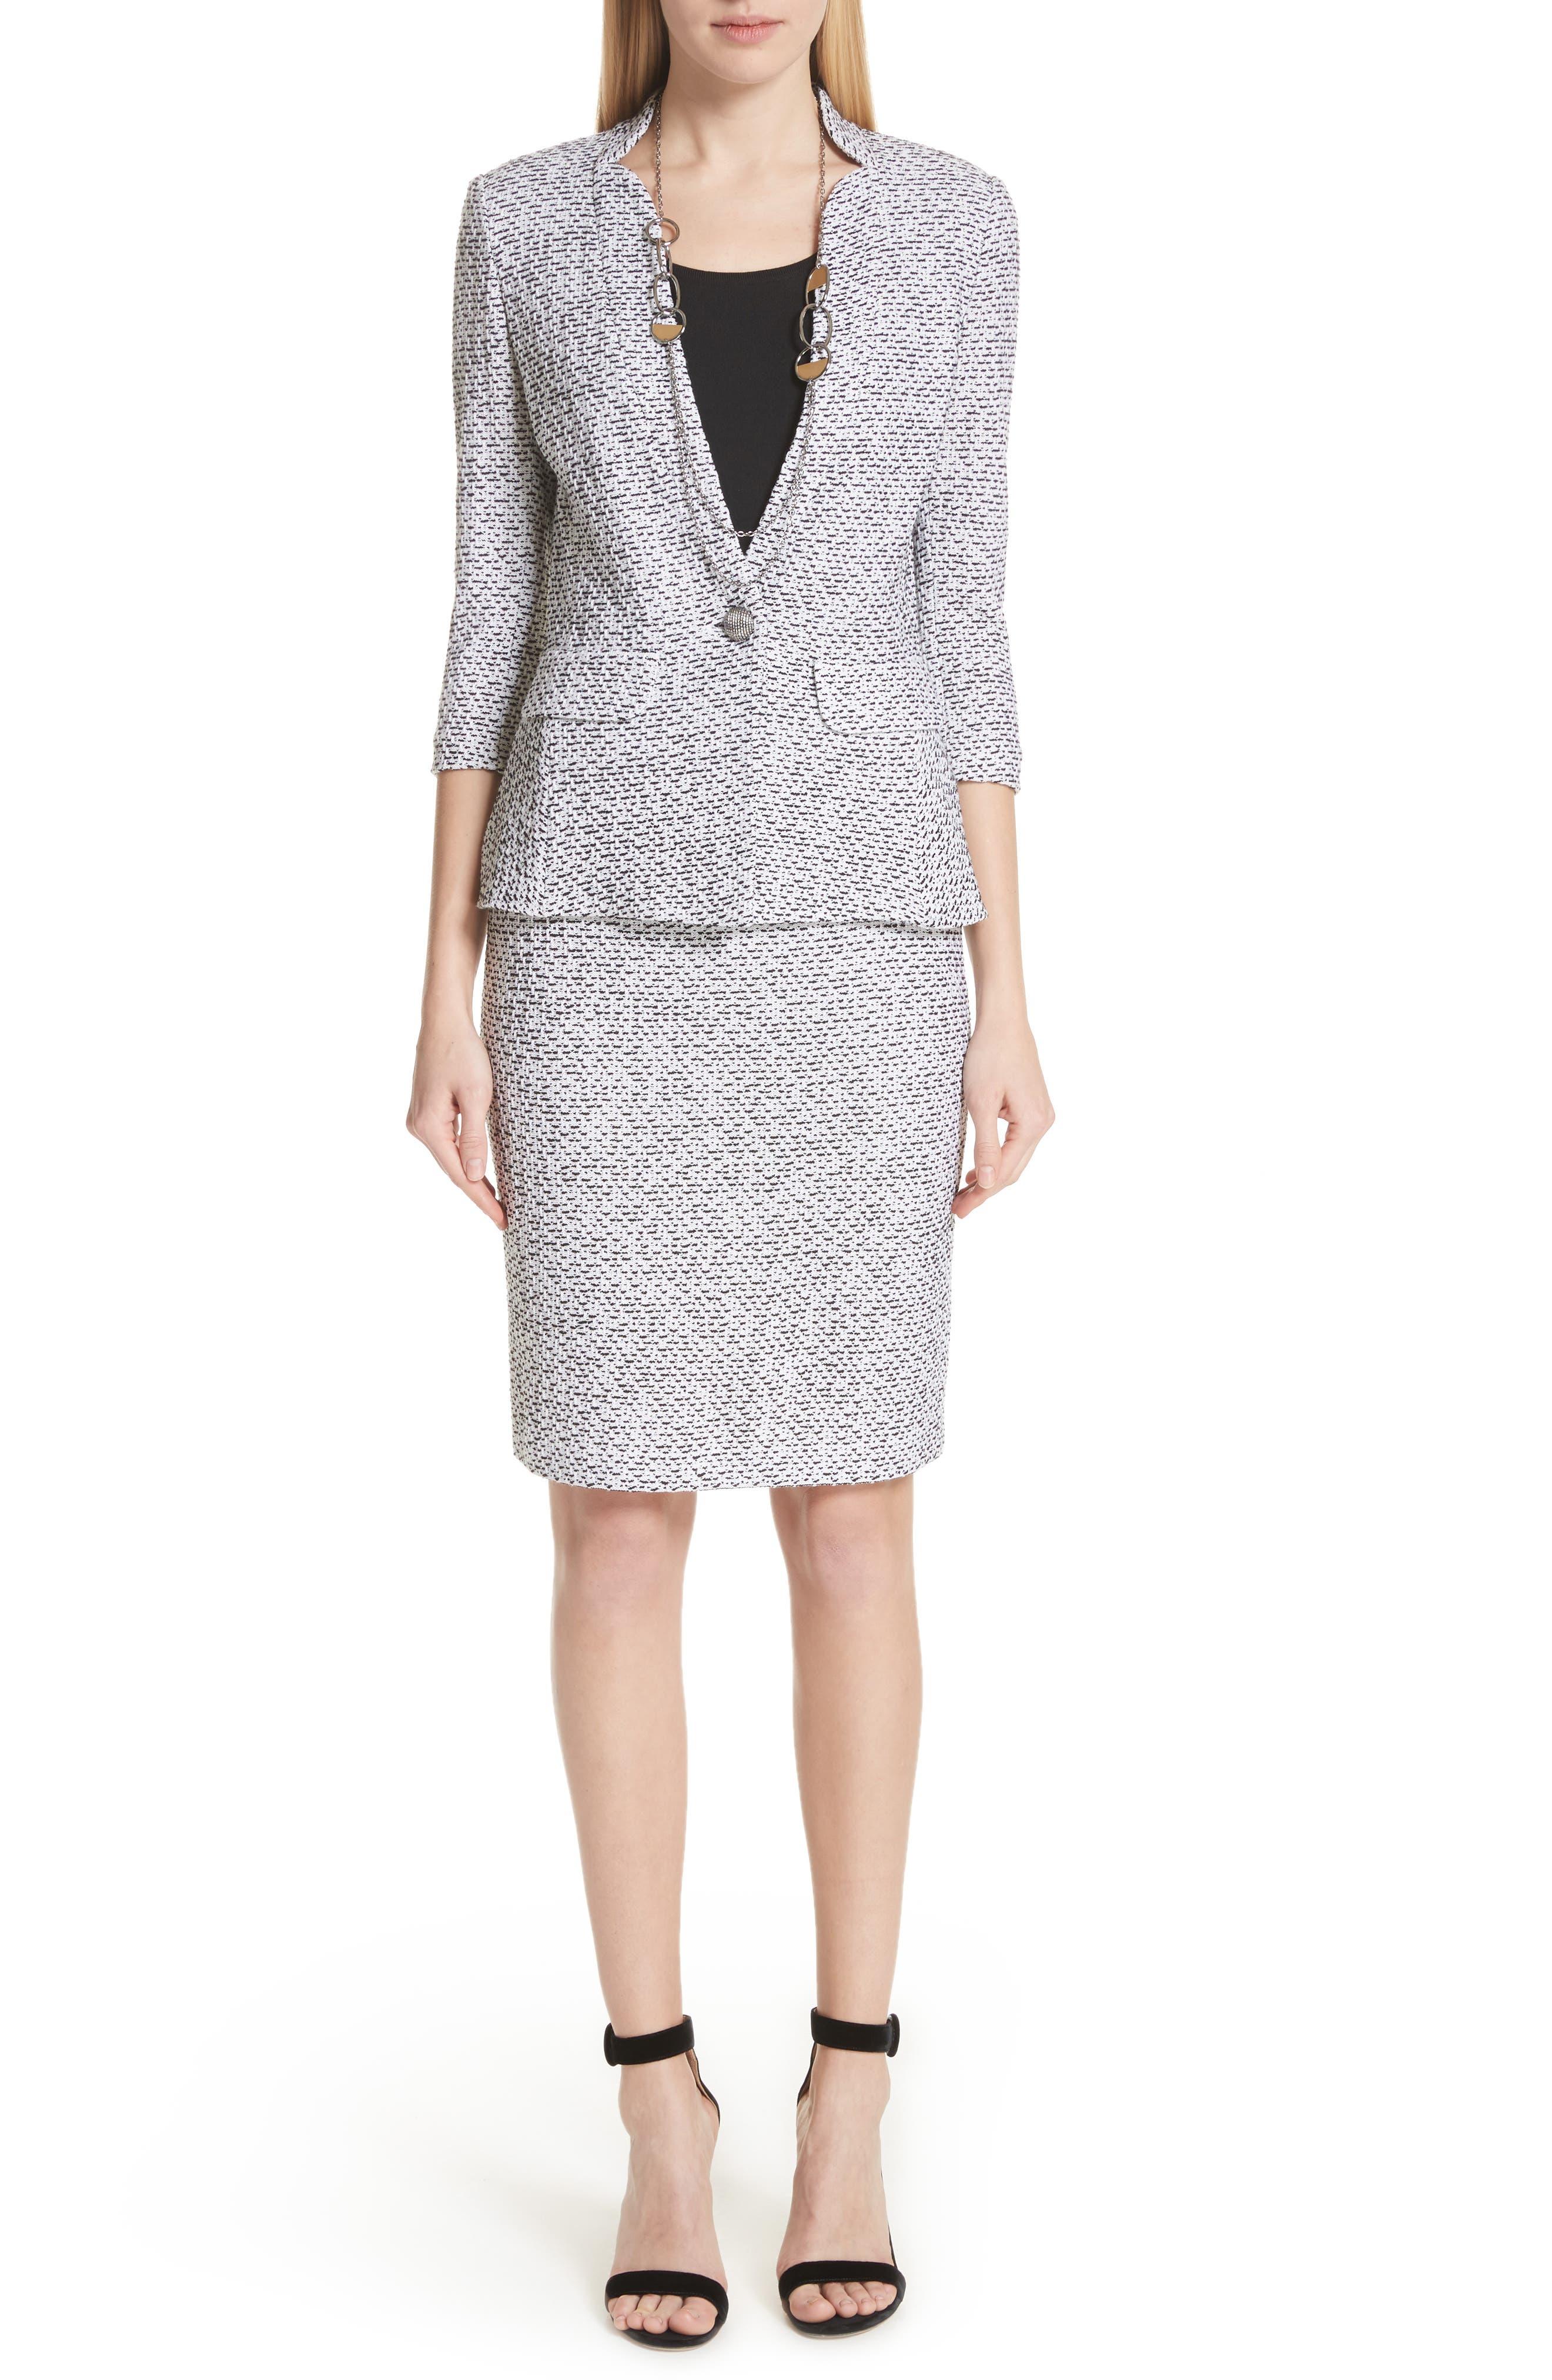 Olivia Bouclé Knit Skirt,                             Alternate thumbnail 8, color,                             WHITE/ CAVIAR